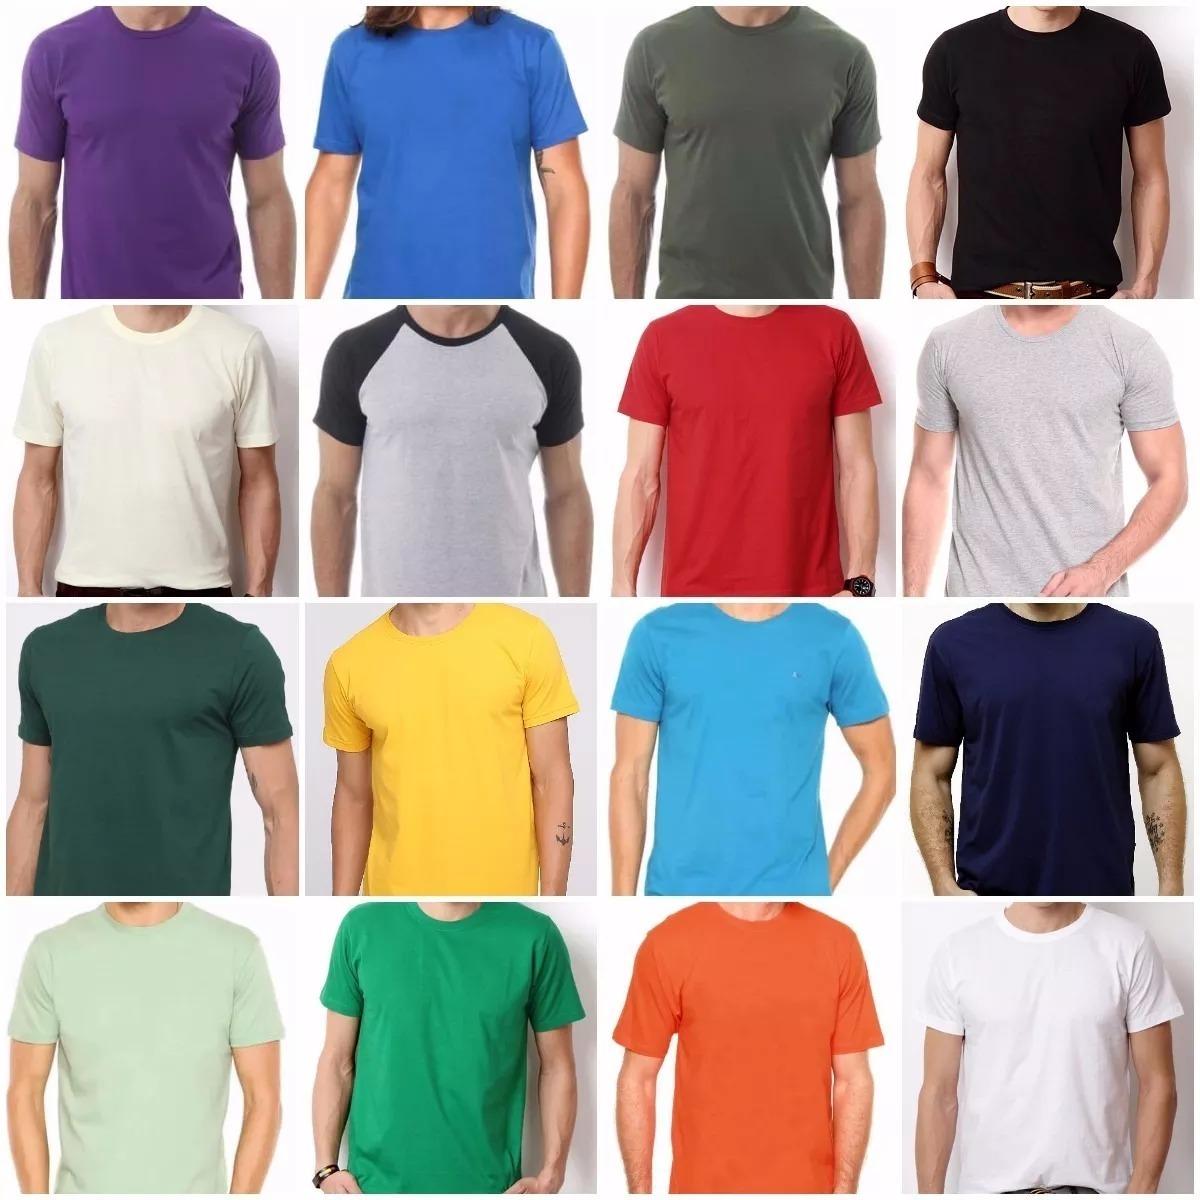 camiseta masculina algodão básica camisa atacado camisa lisa. Carregando  zoom. 0e64851935e